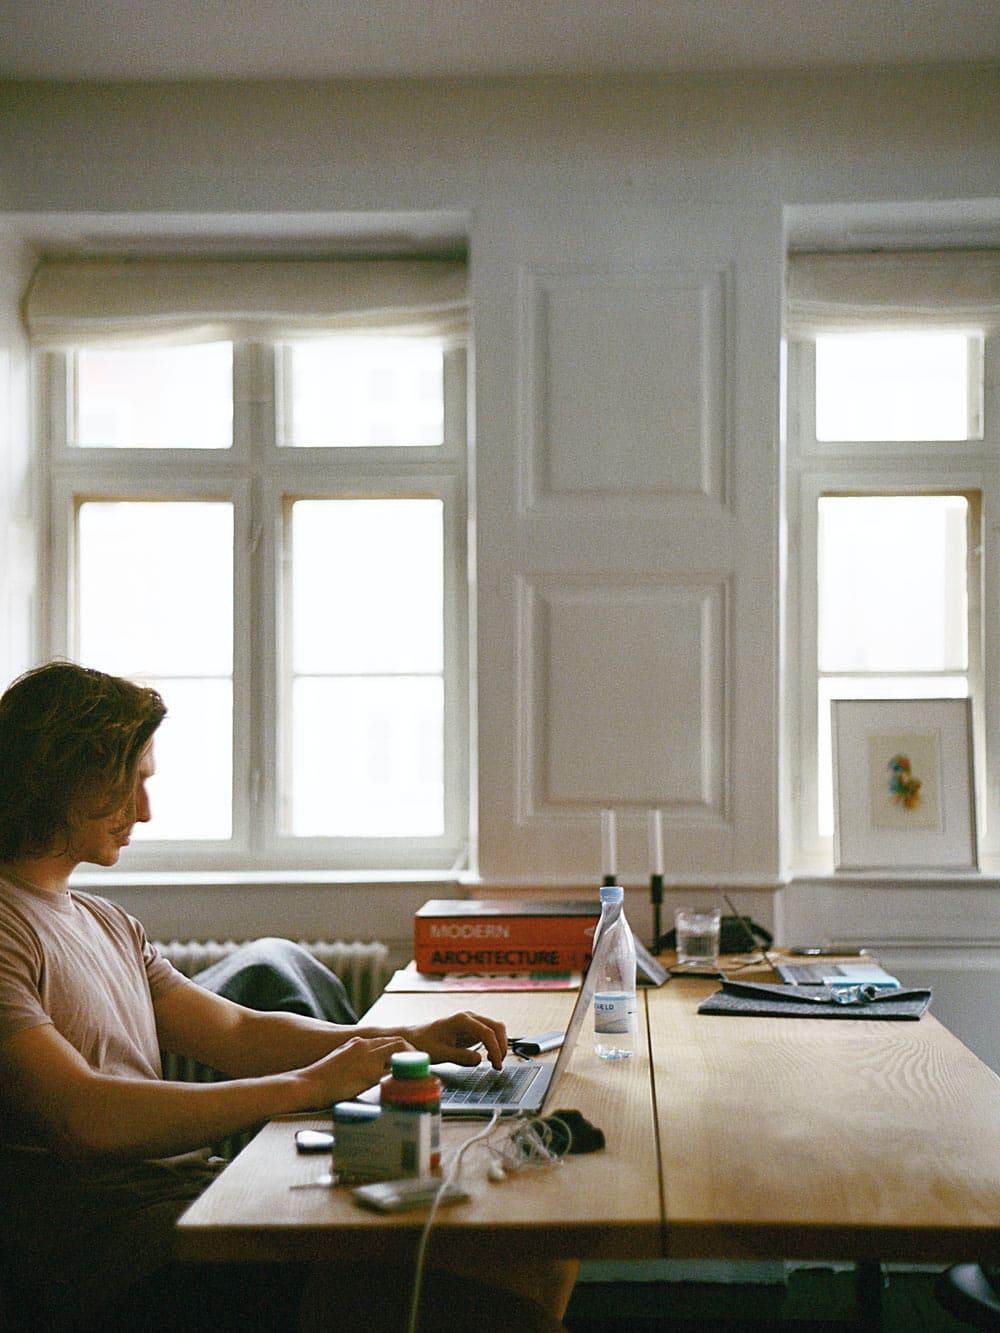 Mann_am_Schreibtisch_mit_Laptop